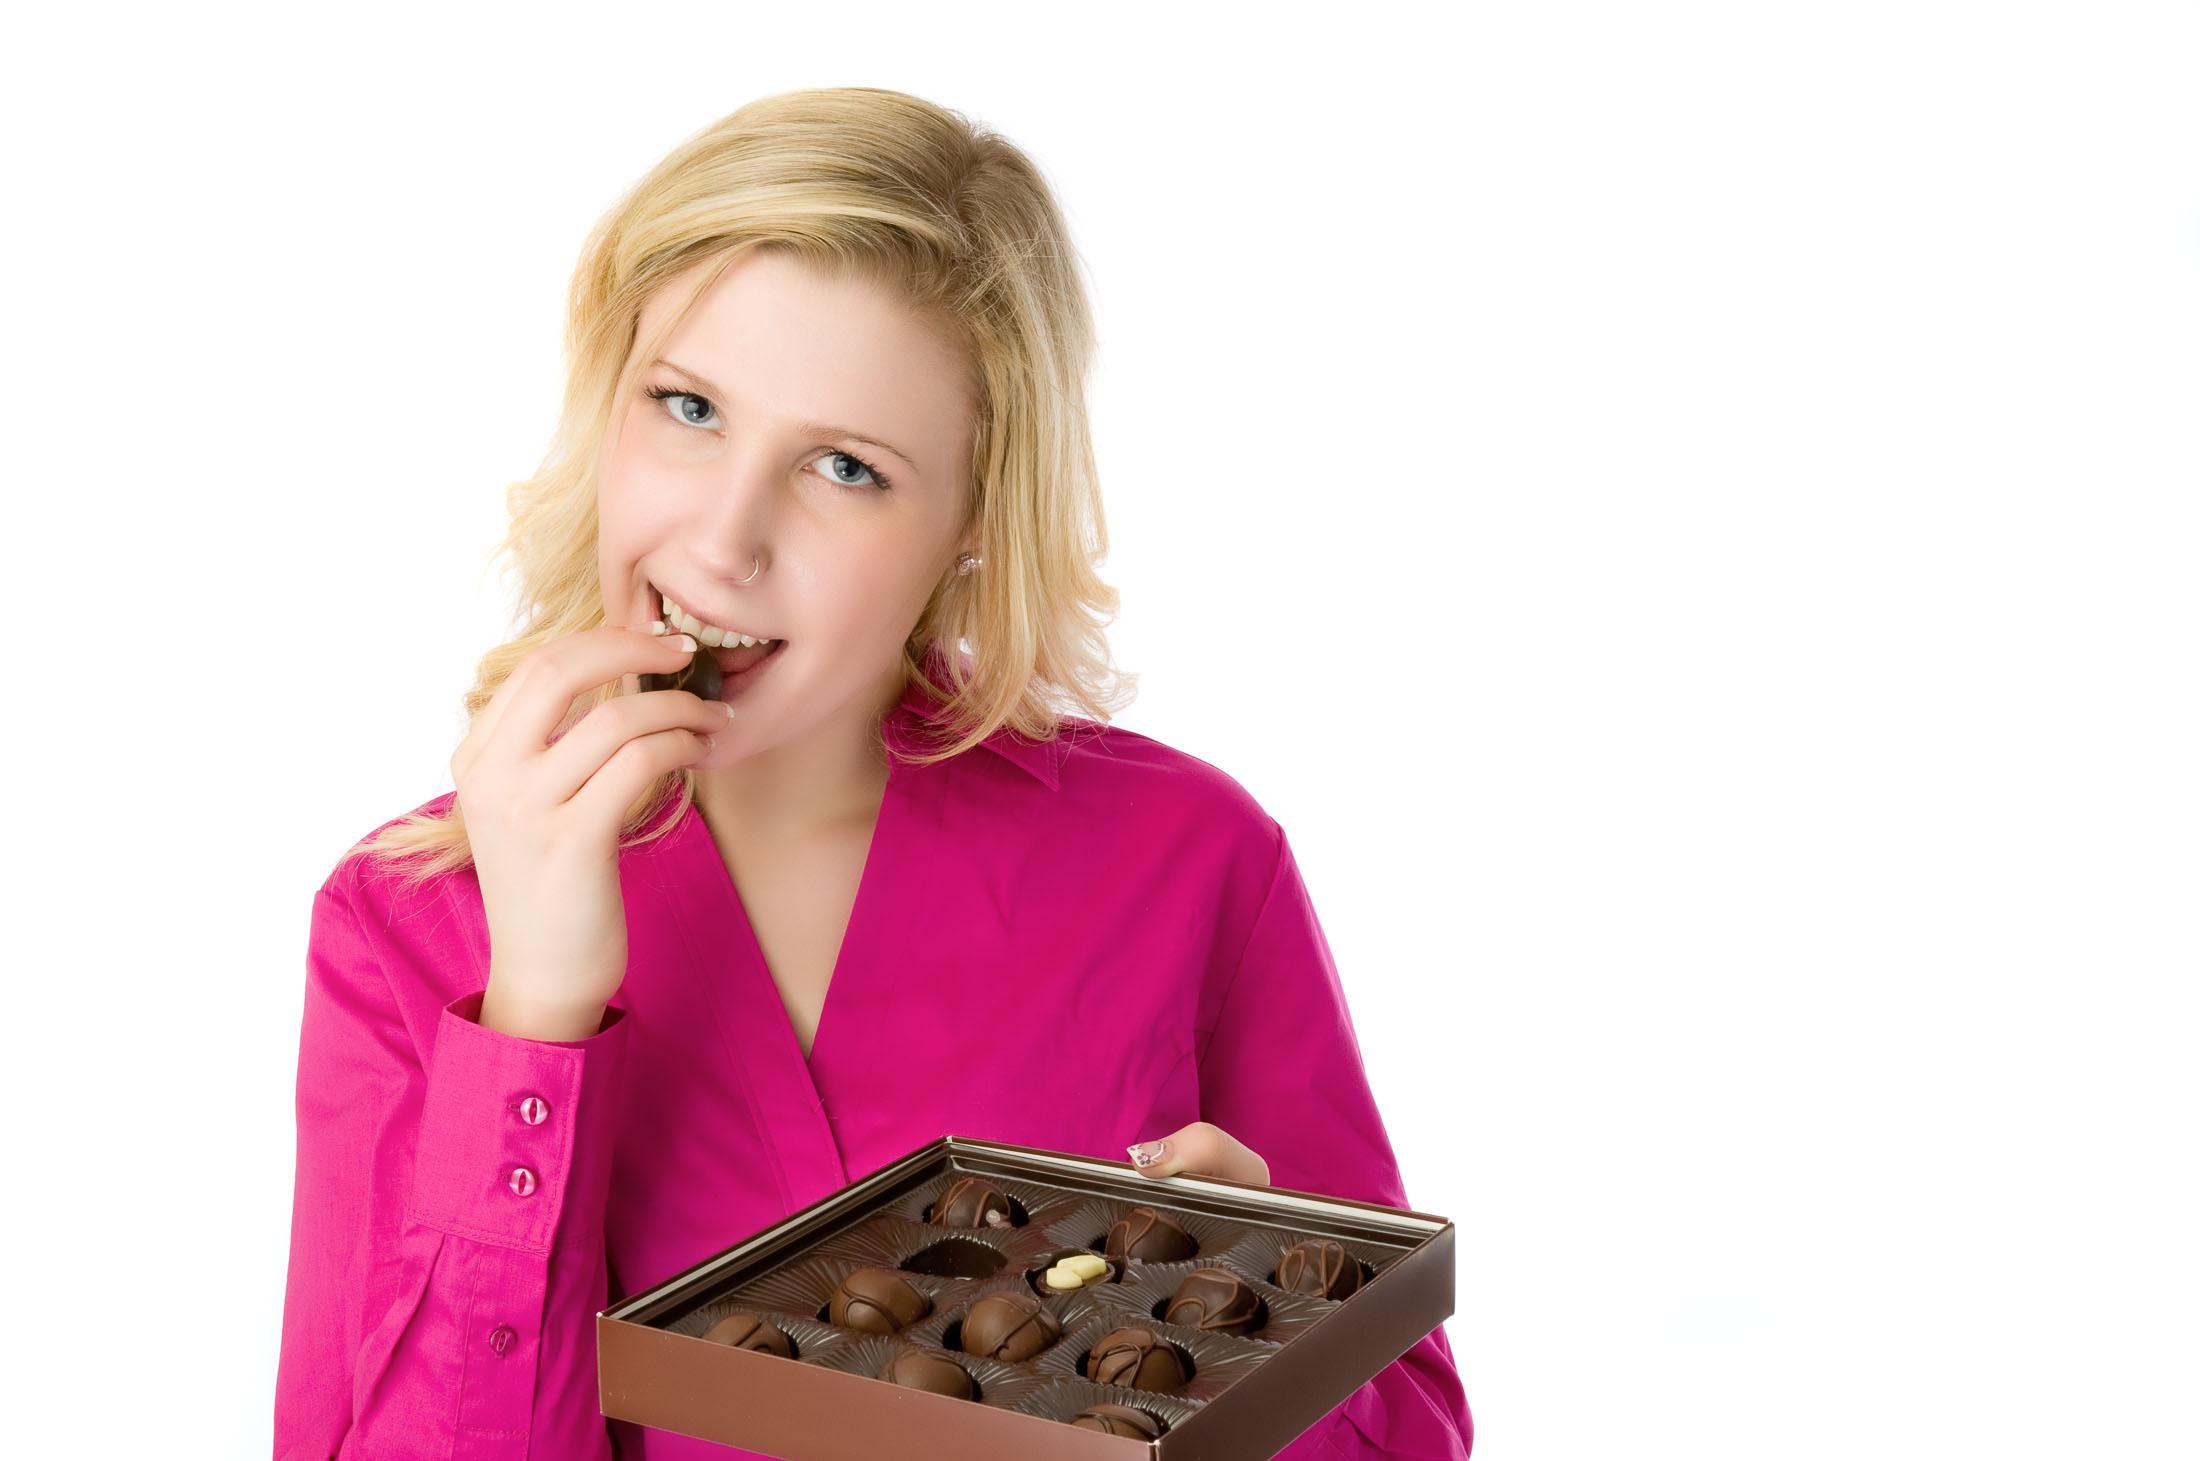 Emotie eten in een positief daglicht